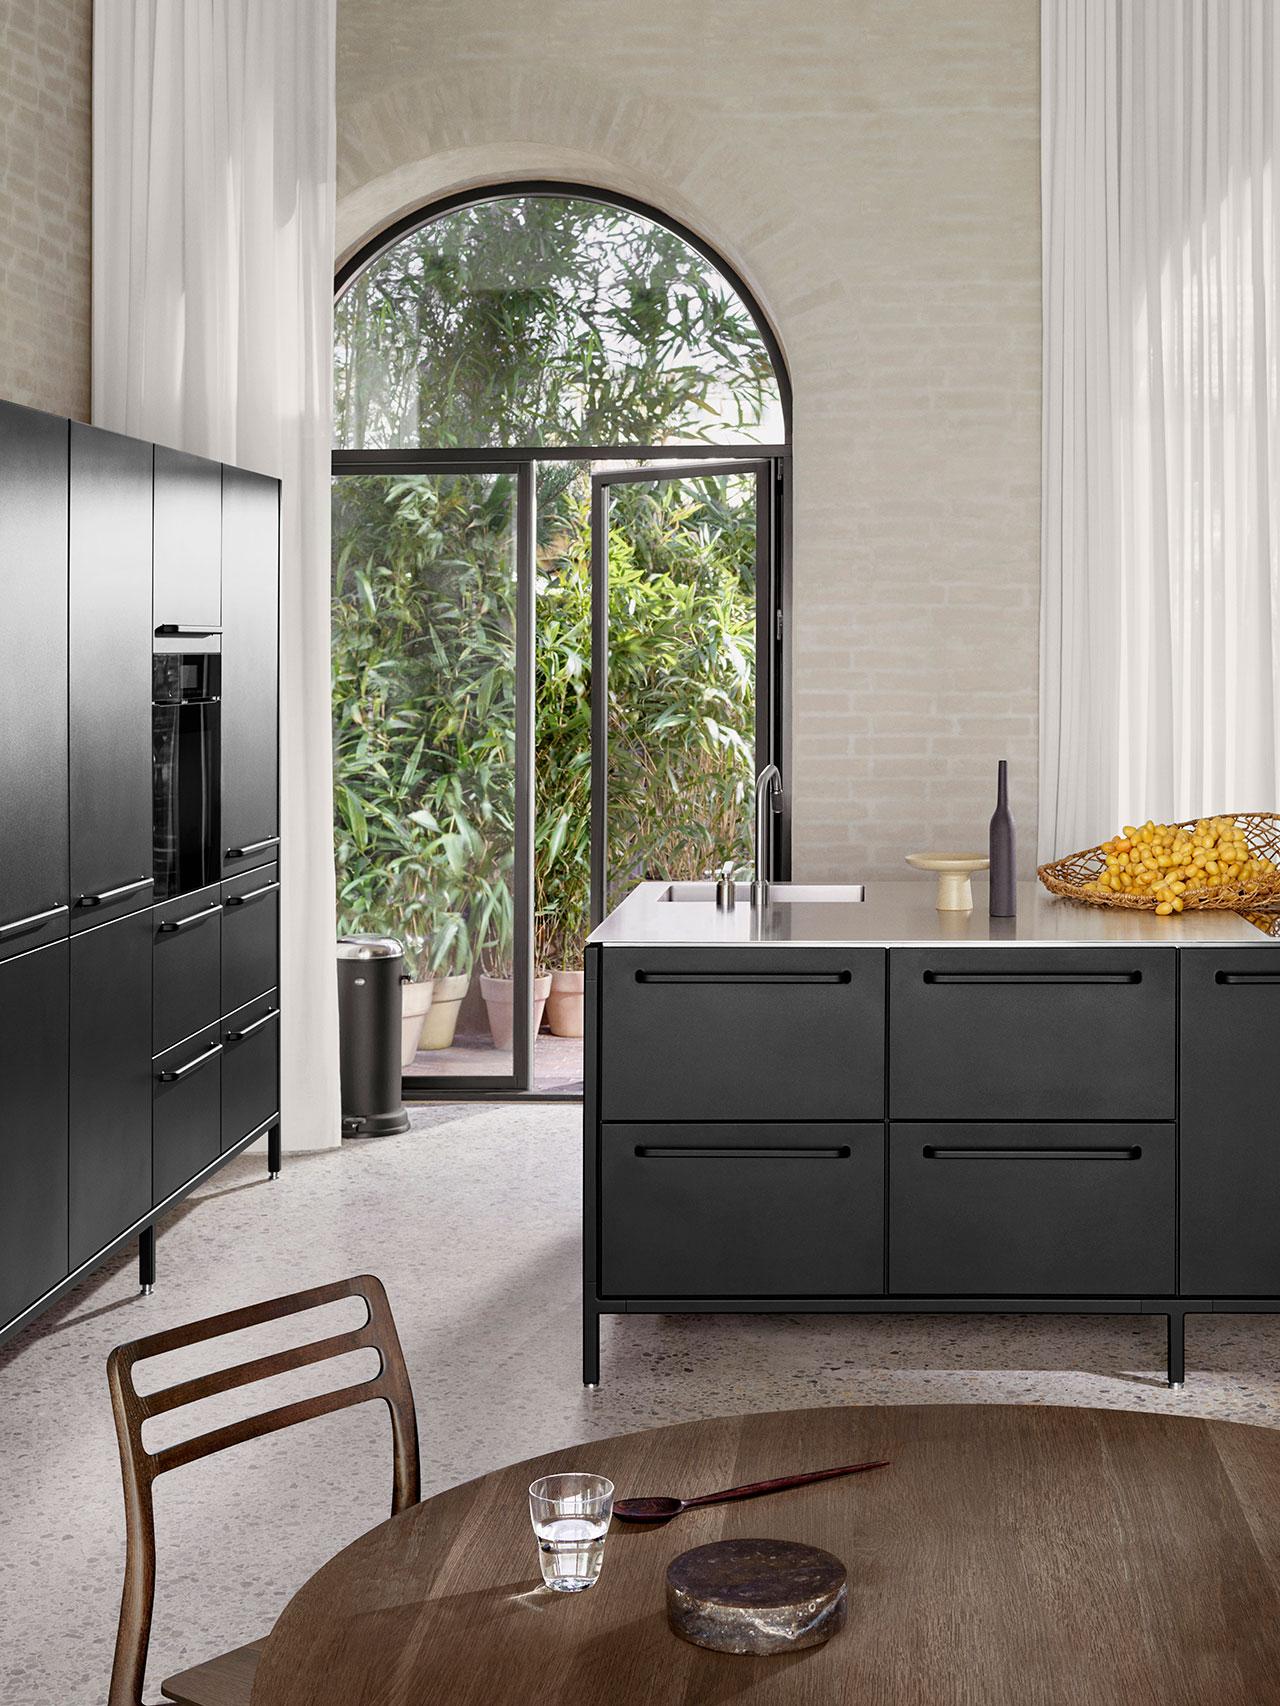 Full Size of Kche Küchen Regal Sofa Alternatives Wohnzimmer Alternative Küchen